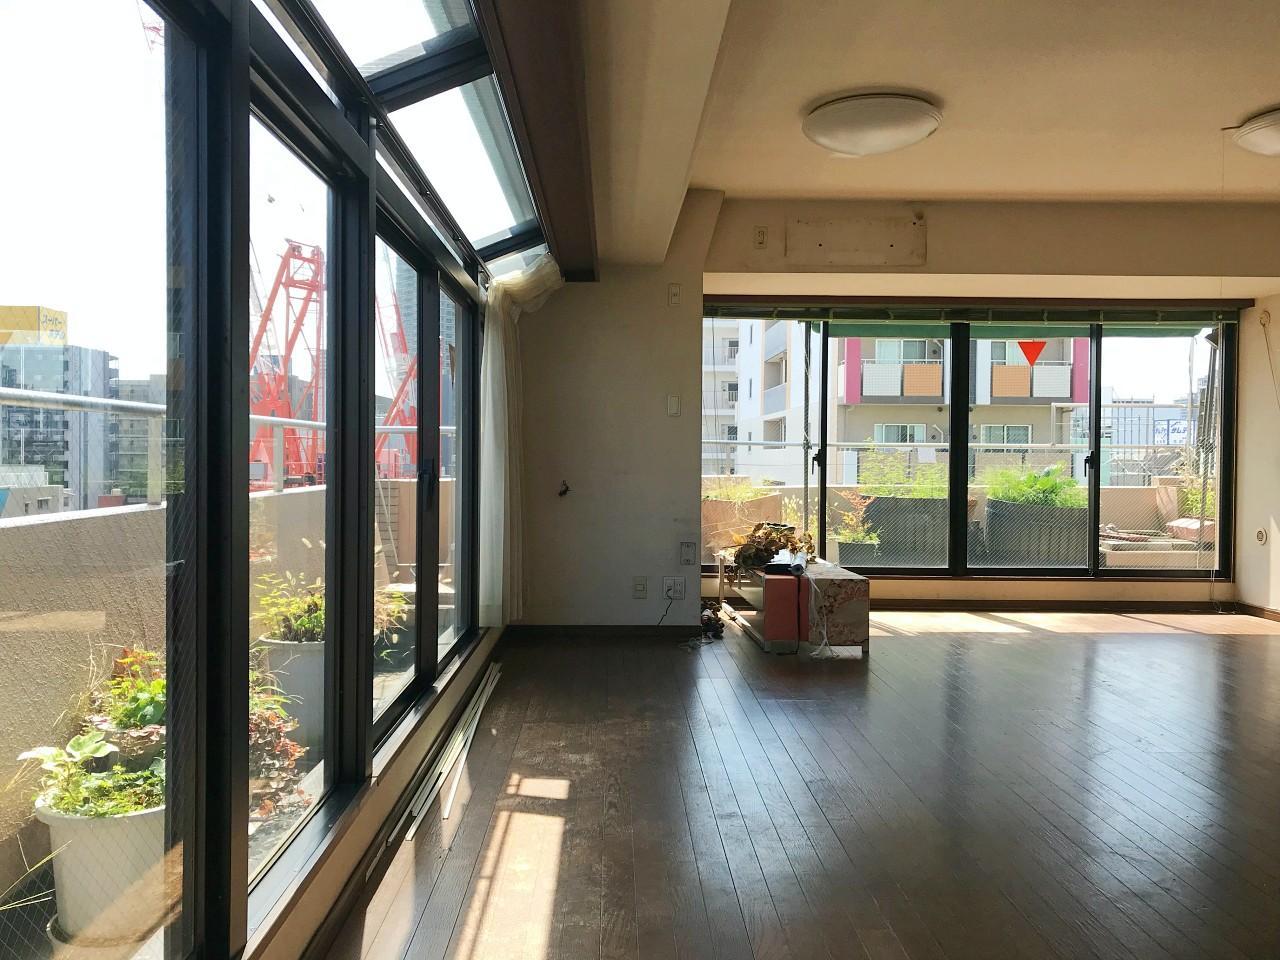 11メートルの廊下 (大阪市中央区内本町2丁目4-3の物件) - 大阪R不動産